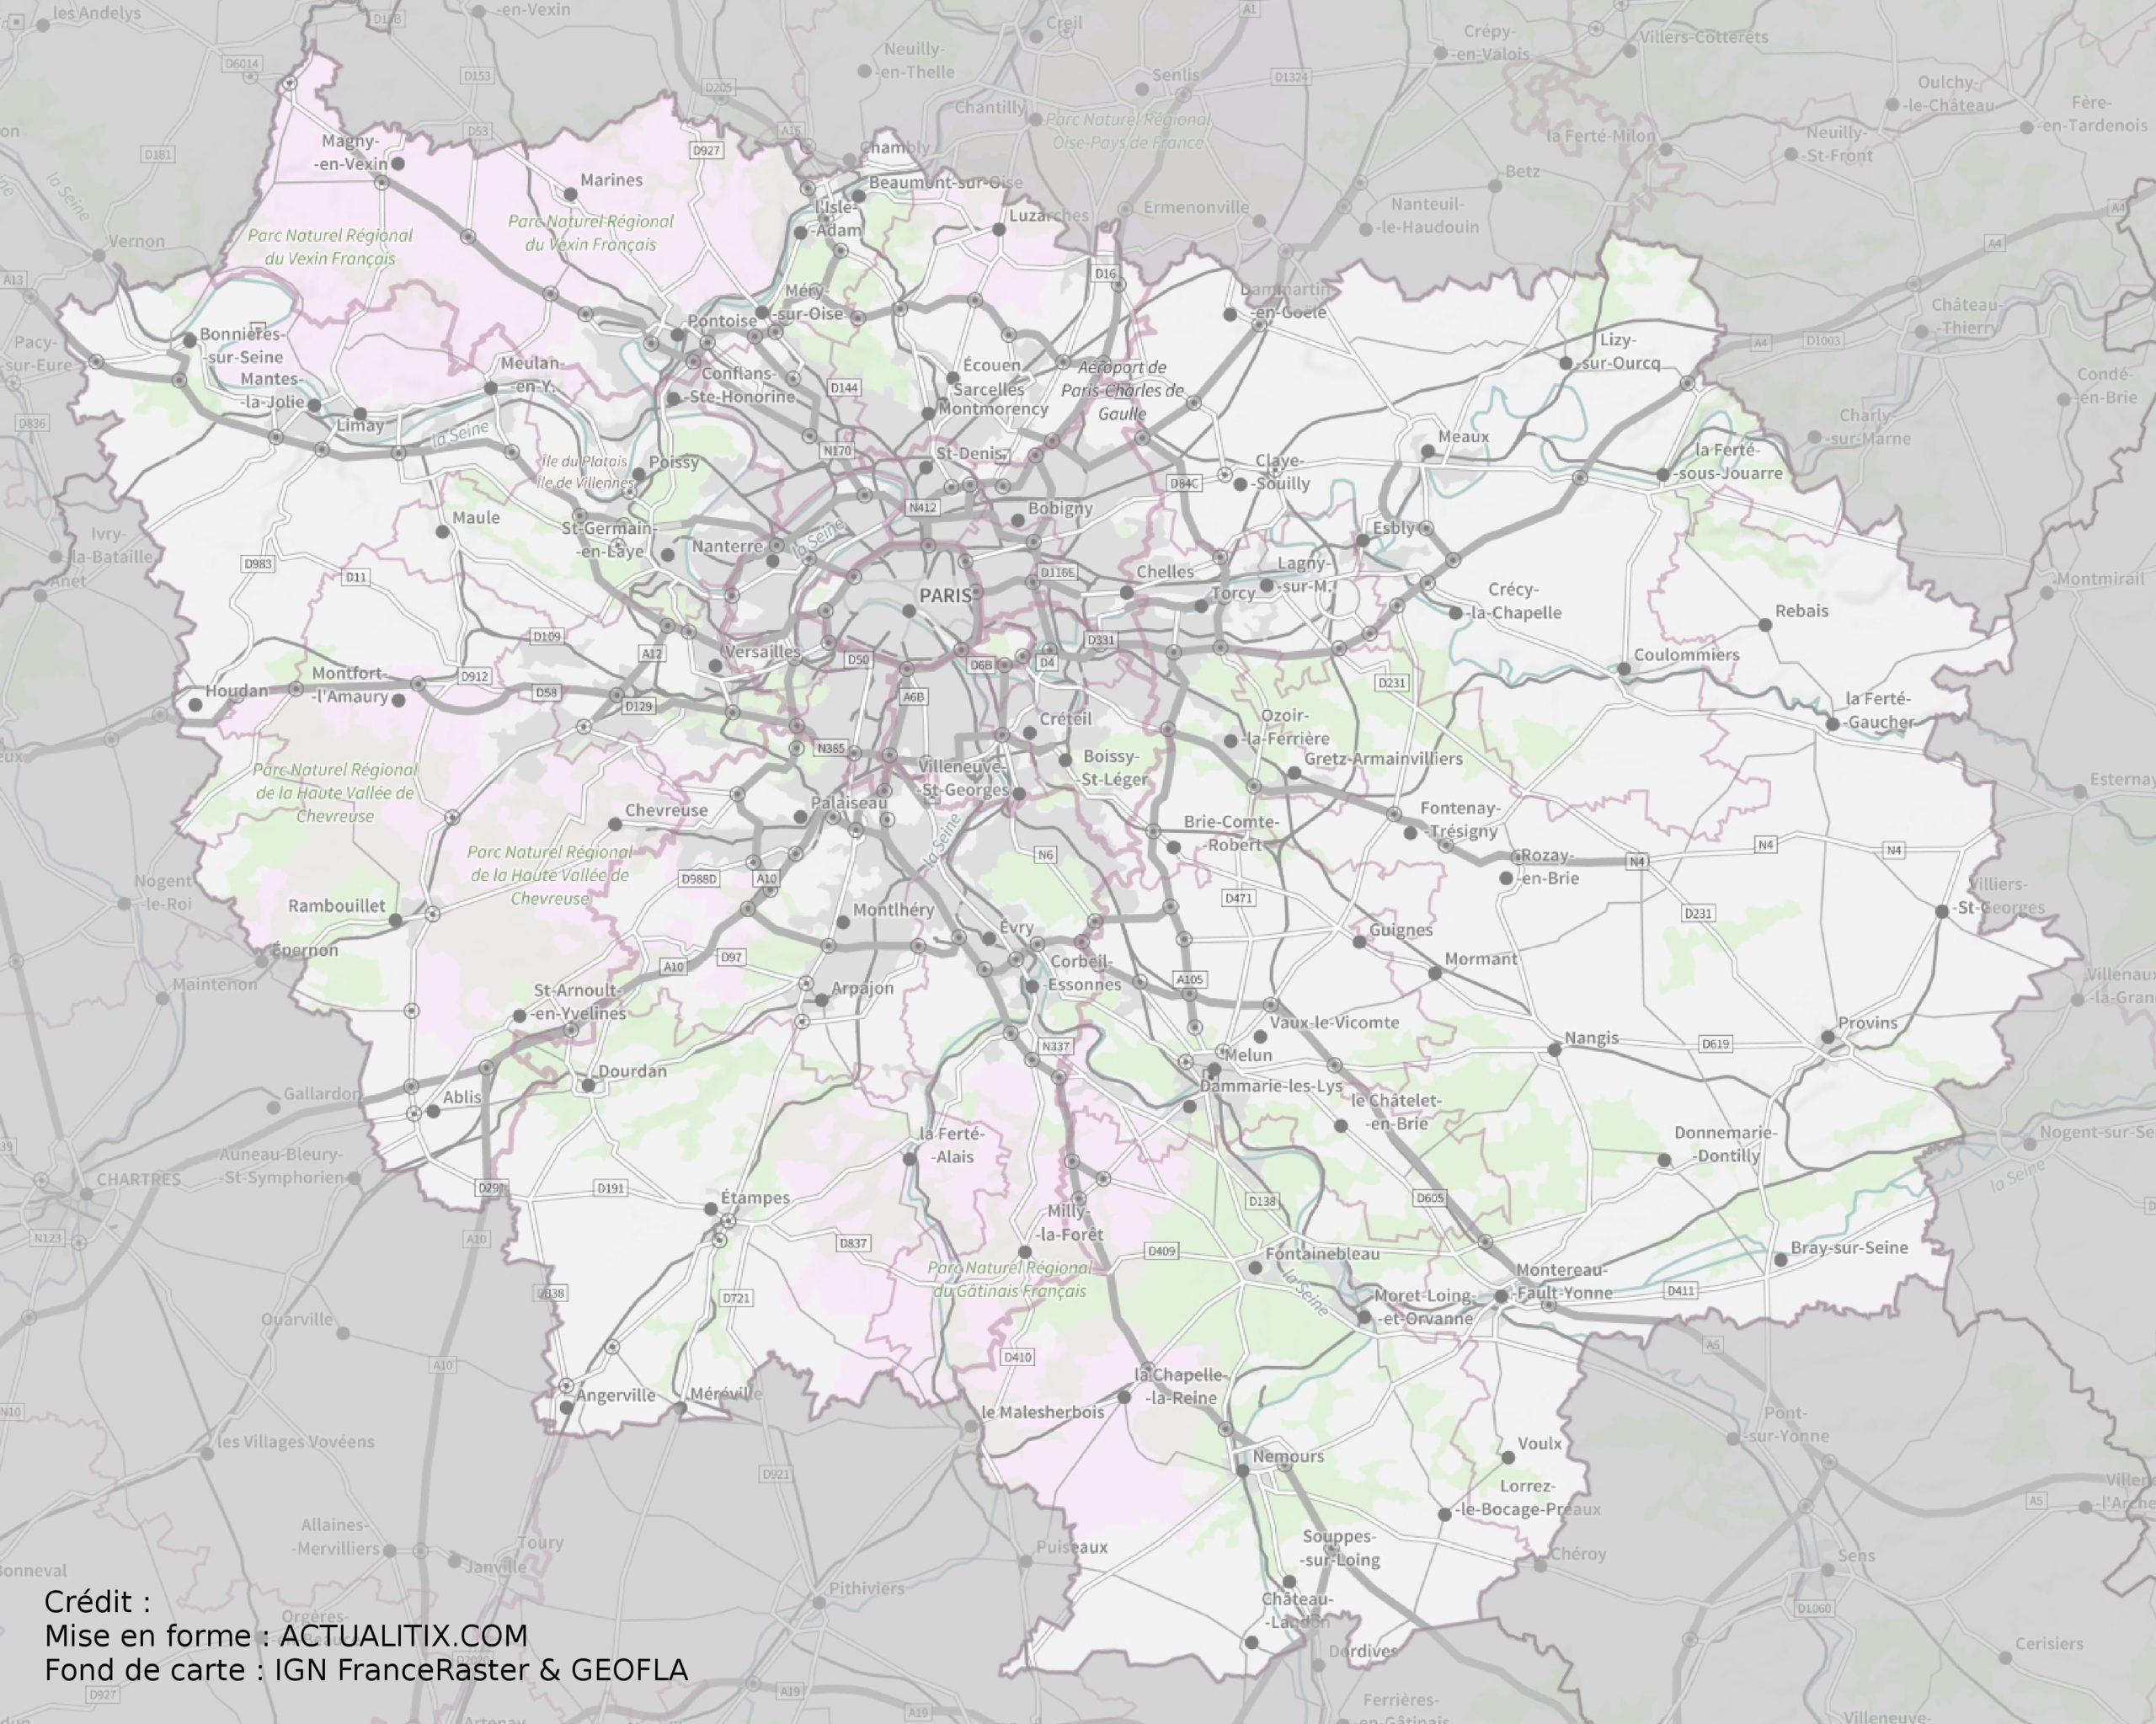 Carte De L'île-De-France - Île-De-France Carte Des Villes encequiconcerne Fond De Carte France Fleuves